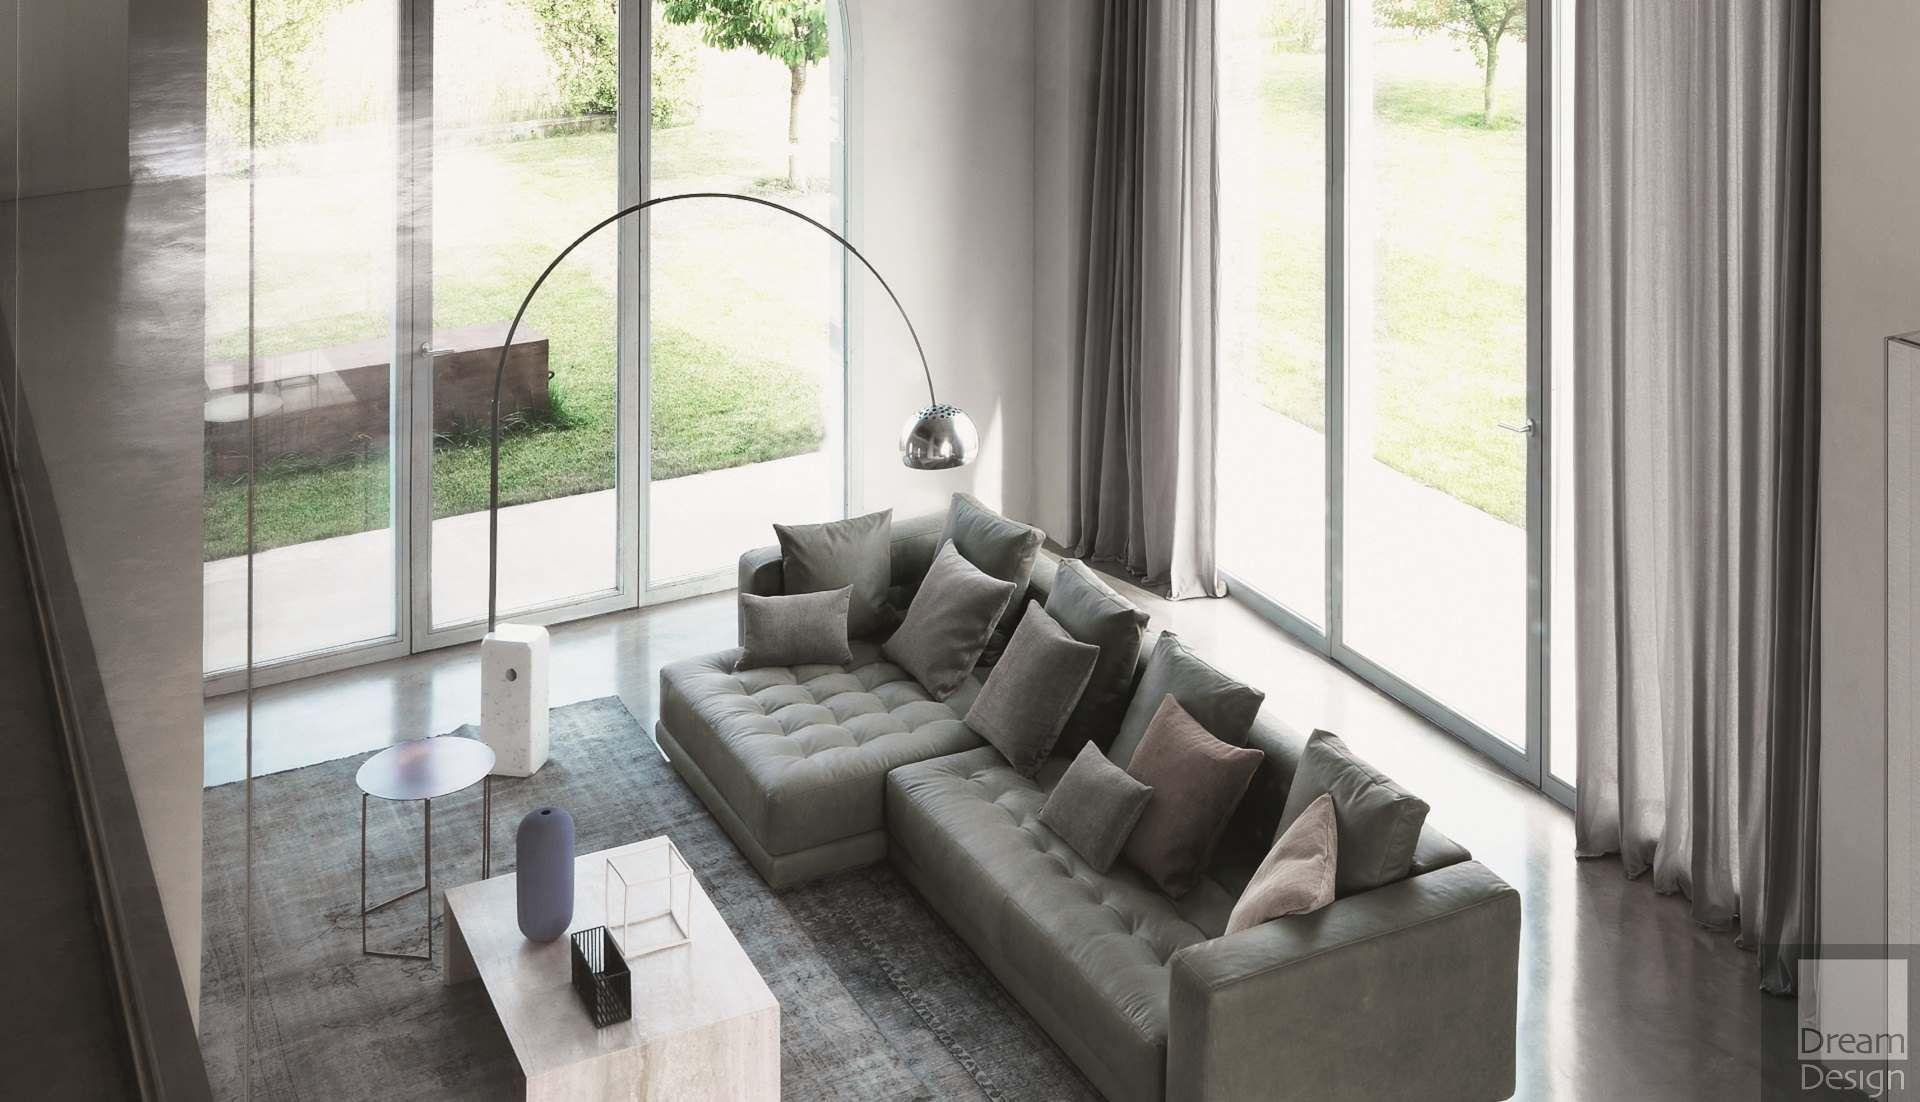 Flos arco floor lamp by achille pier giacomo castiglioni for Arco castiglioni